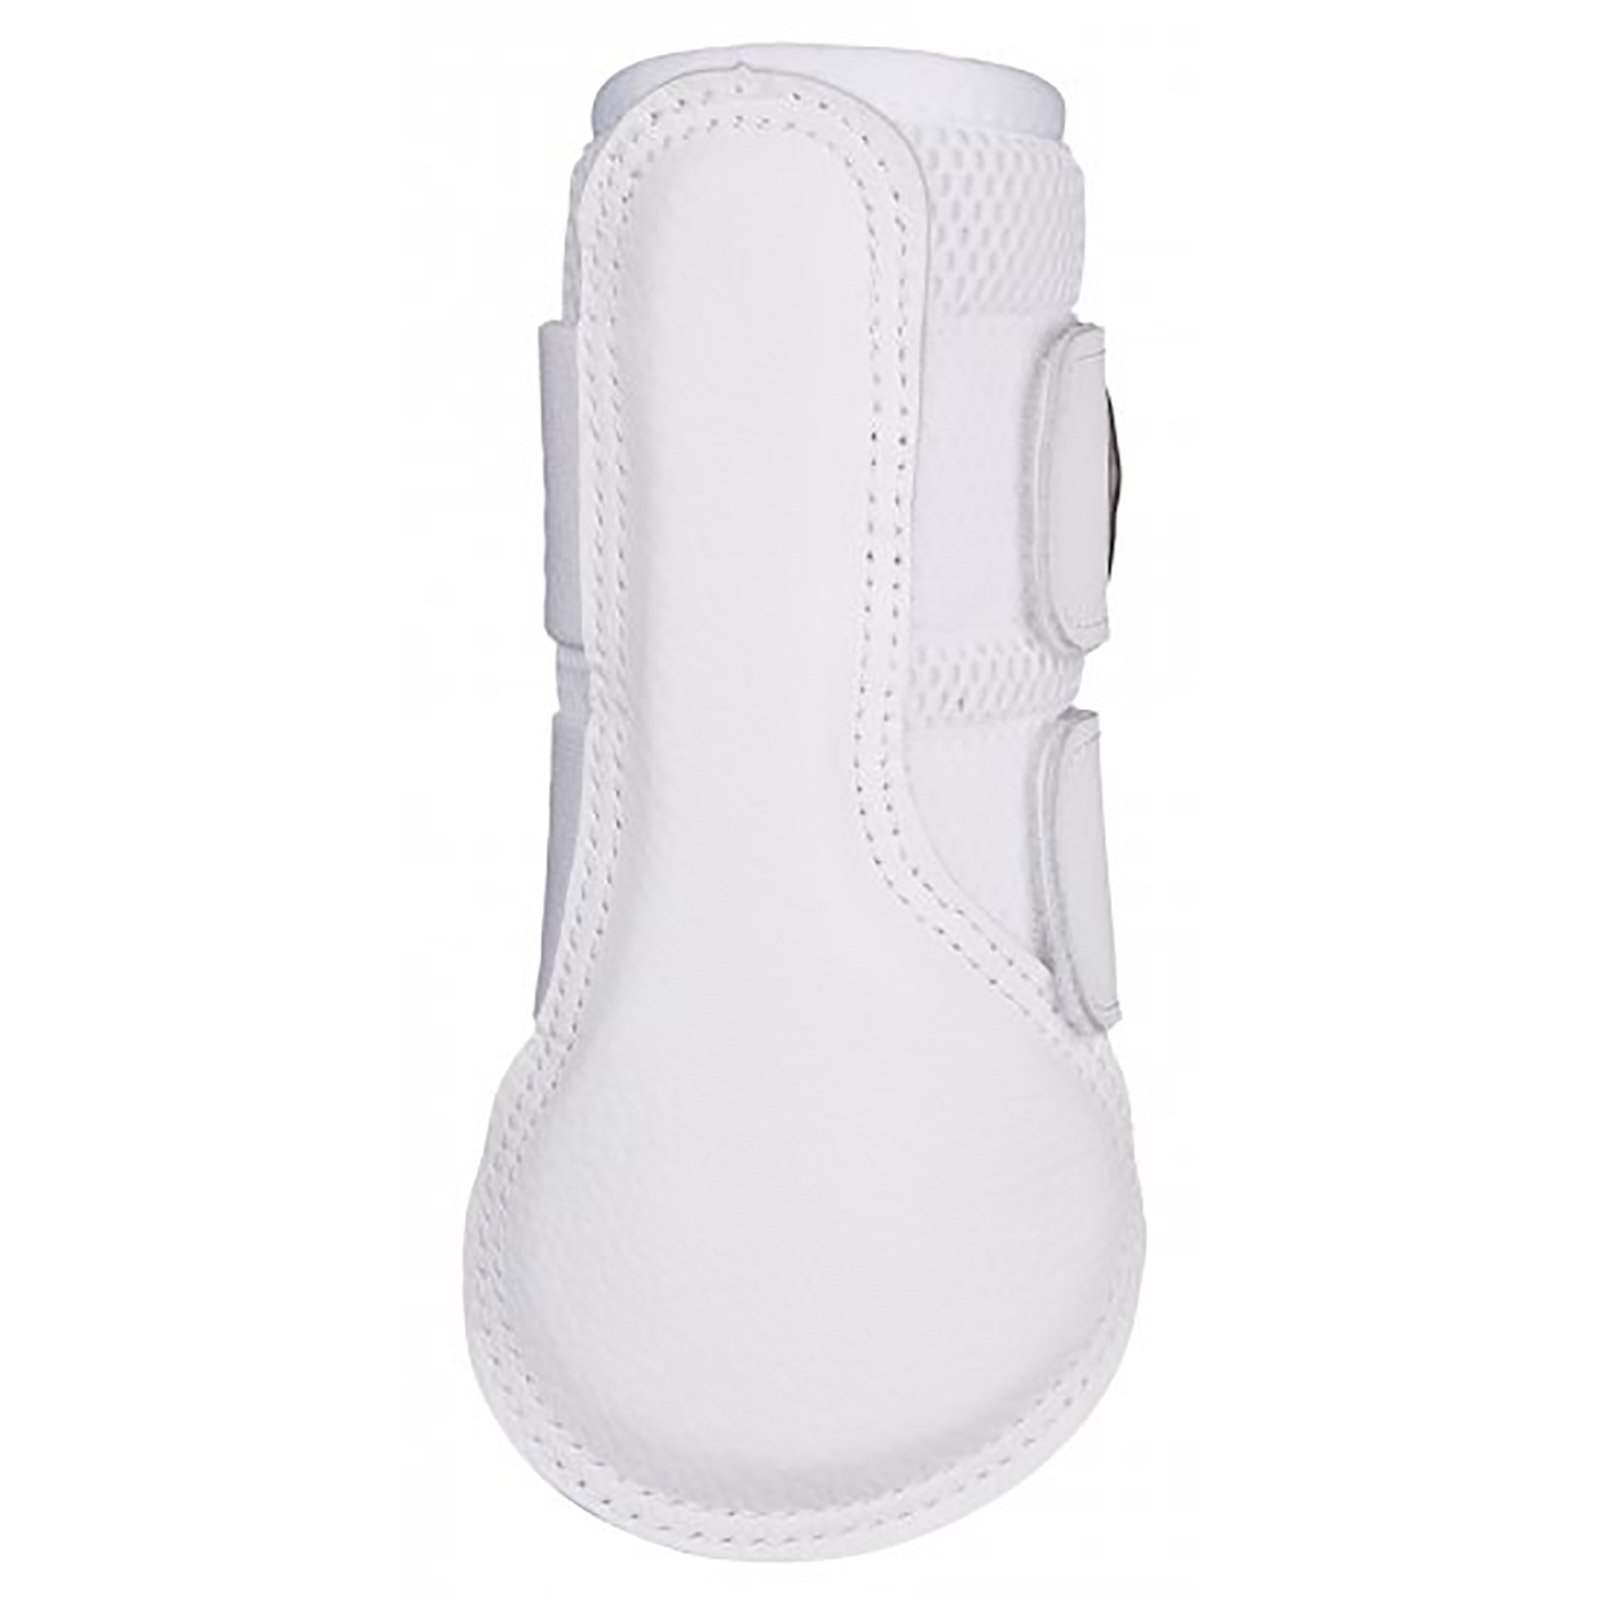 LEMIEUX-PROSPORT-Mesh-Brossage-Bottes-soutien-et-bottes miniature 18